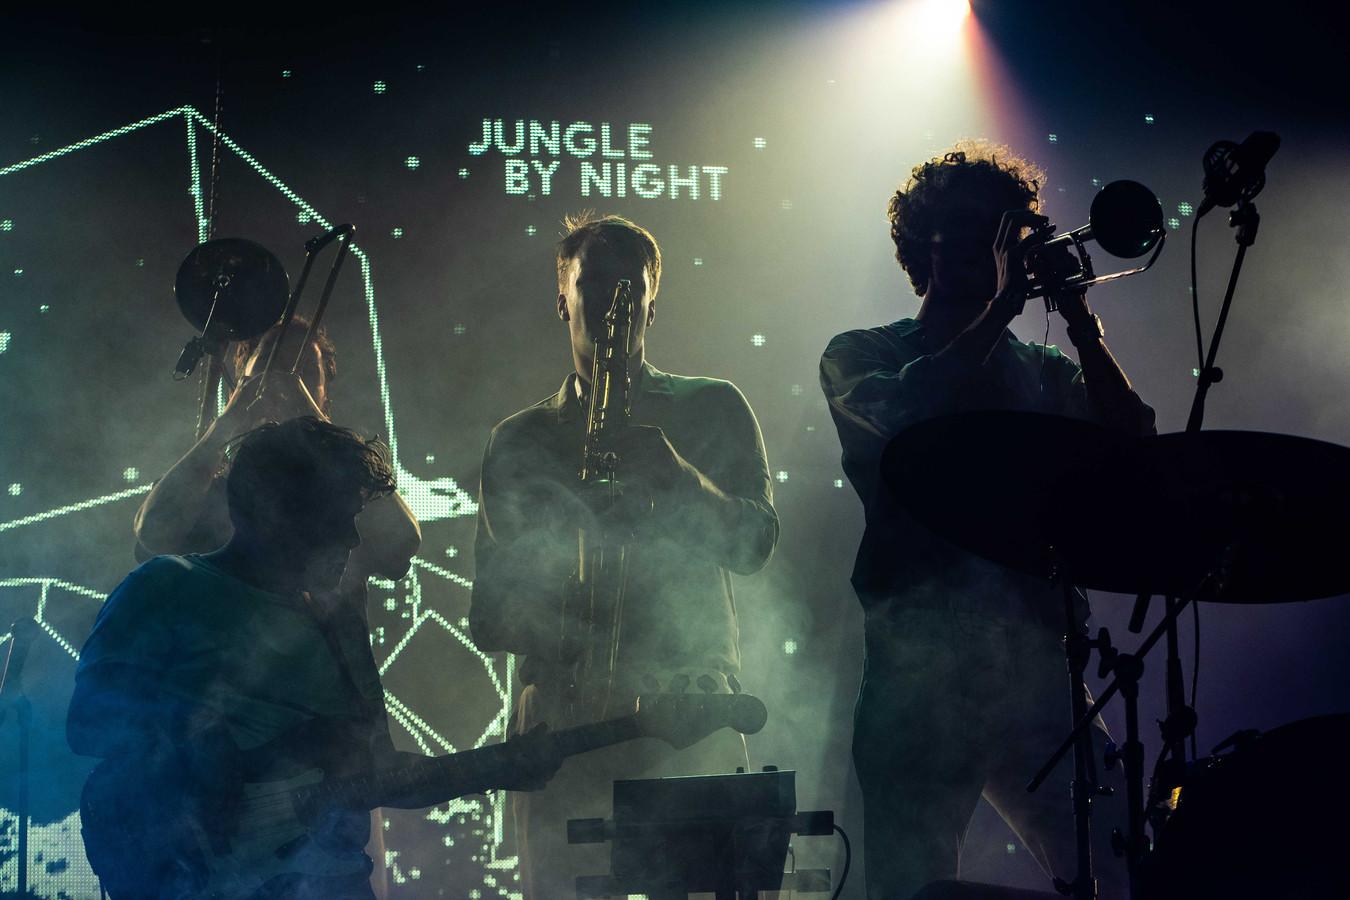 De Amsterdams formatie Jungle By Night tijdens een optreden